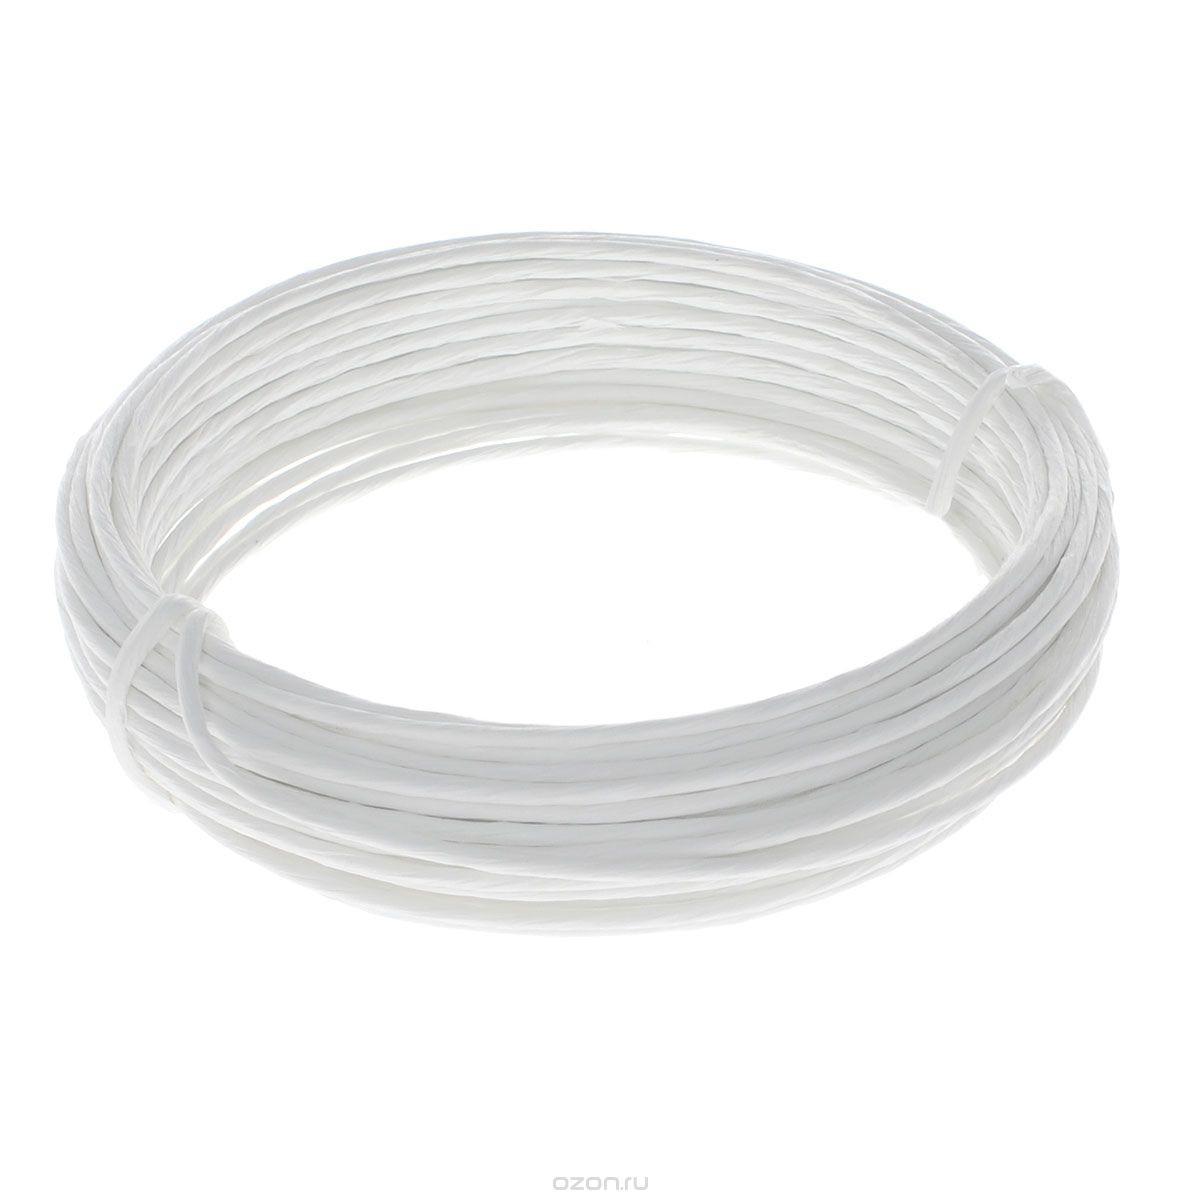 Проволока для рукоделия Folia, в бумажной оплетке, цвет: белый